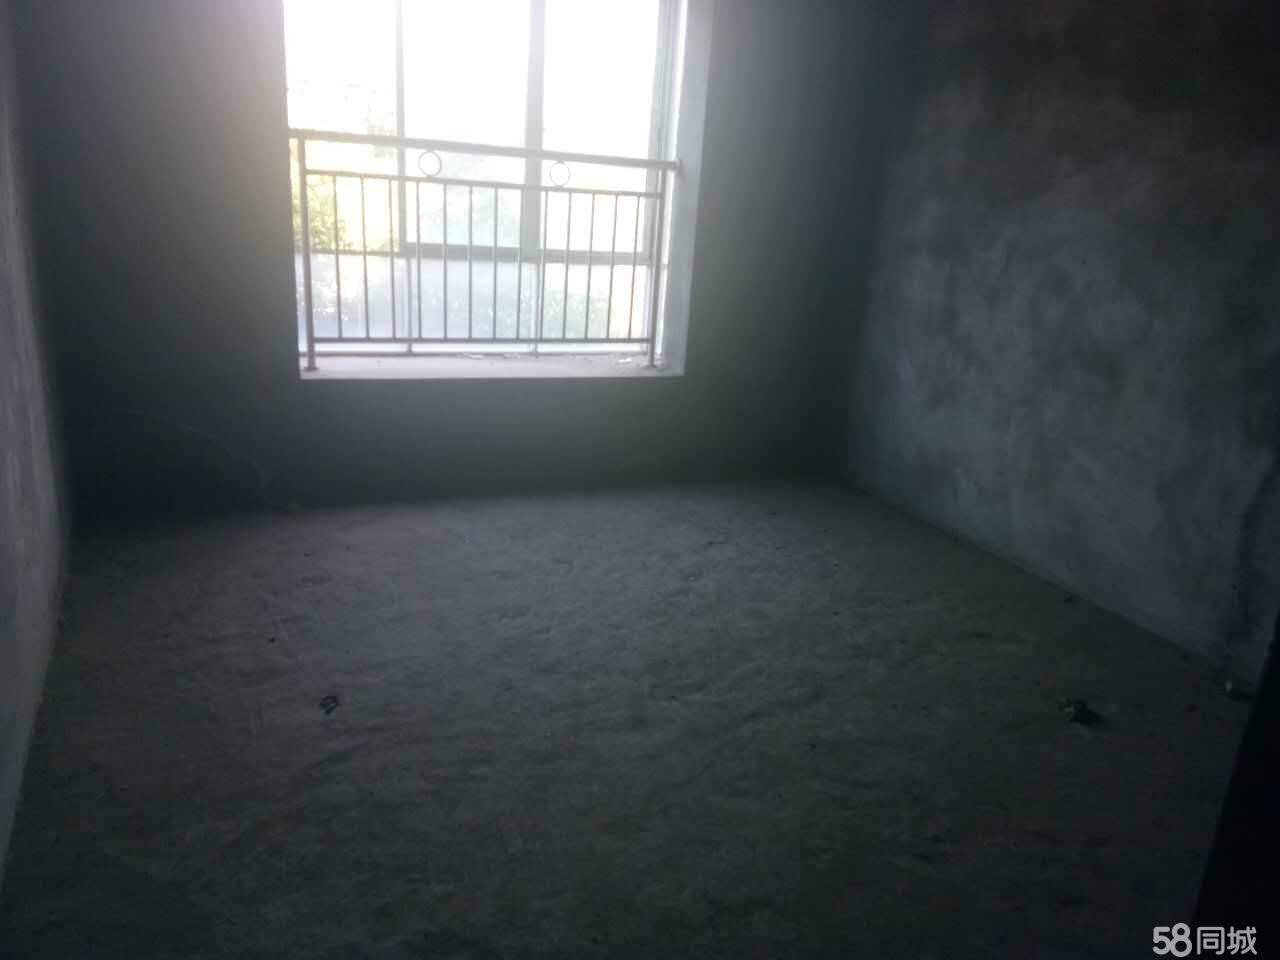 泸县凤凰居电梯2室2厅2卫98㎡仅售3100/平米!